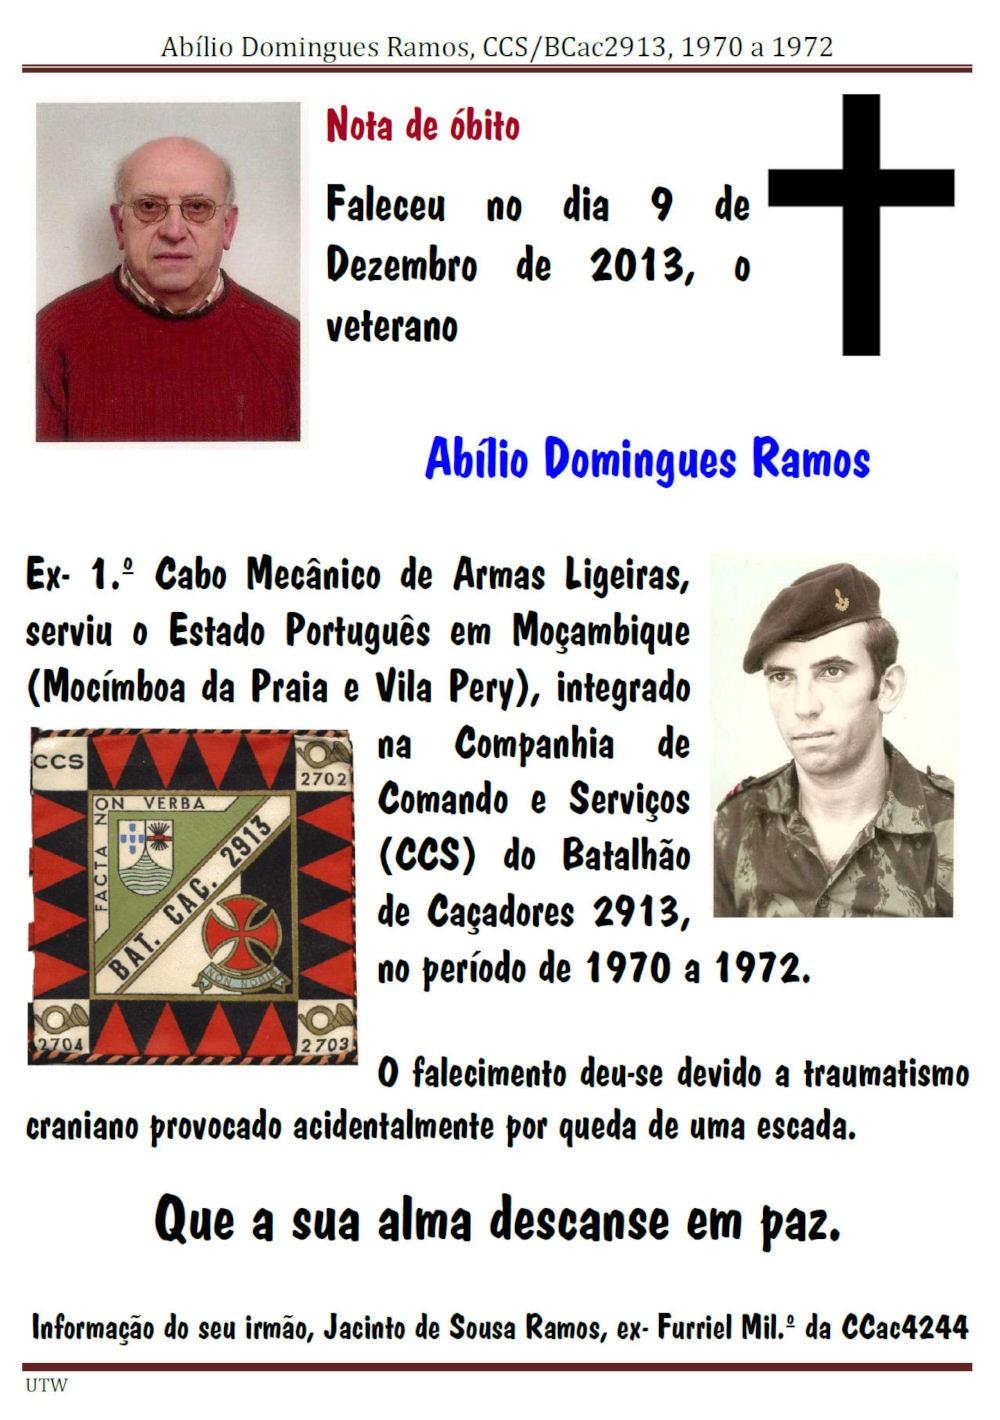 Faleceu o veterano Abílio Domingues Ramos, a CCS/BCac2913 - 09Dez2013  Abilio11